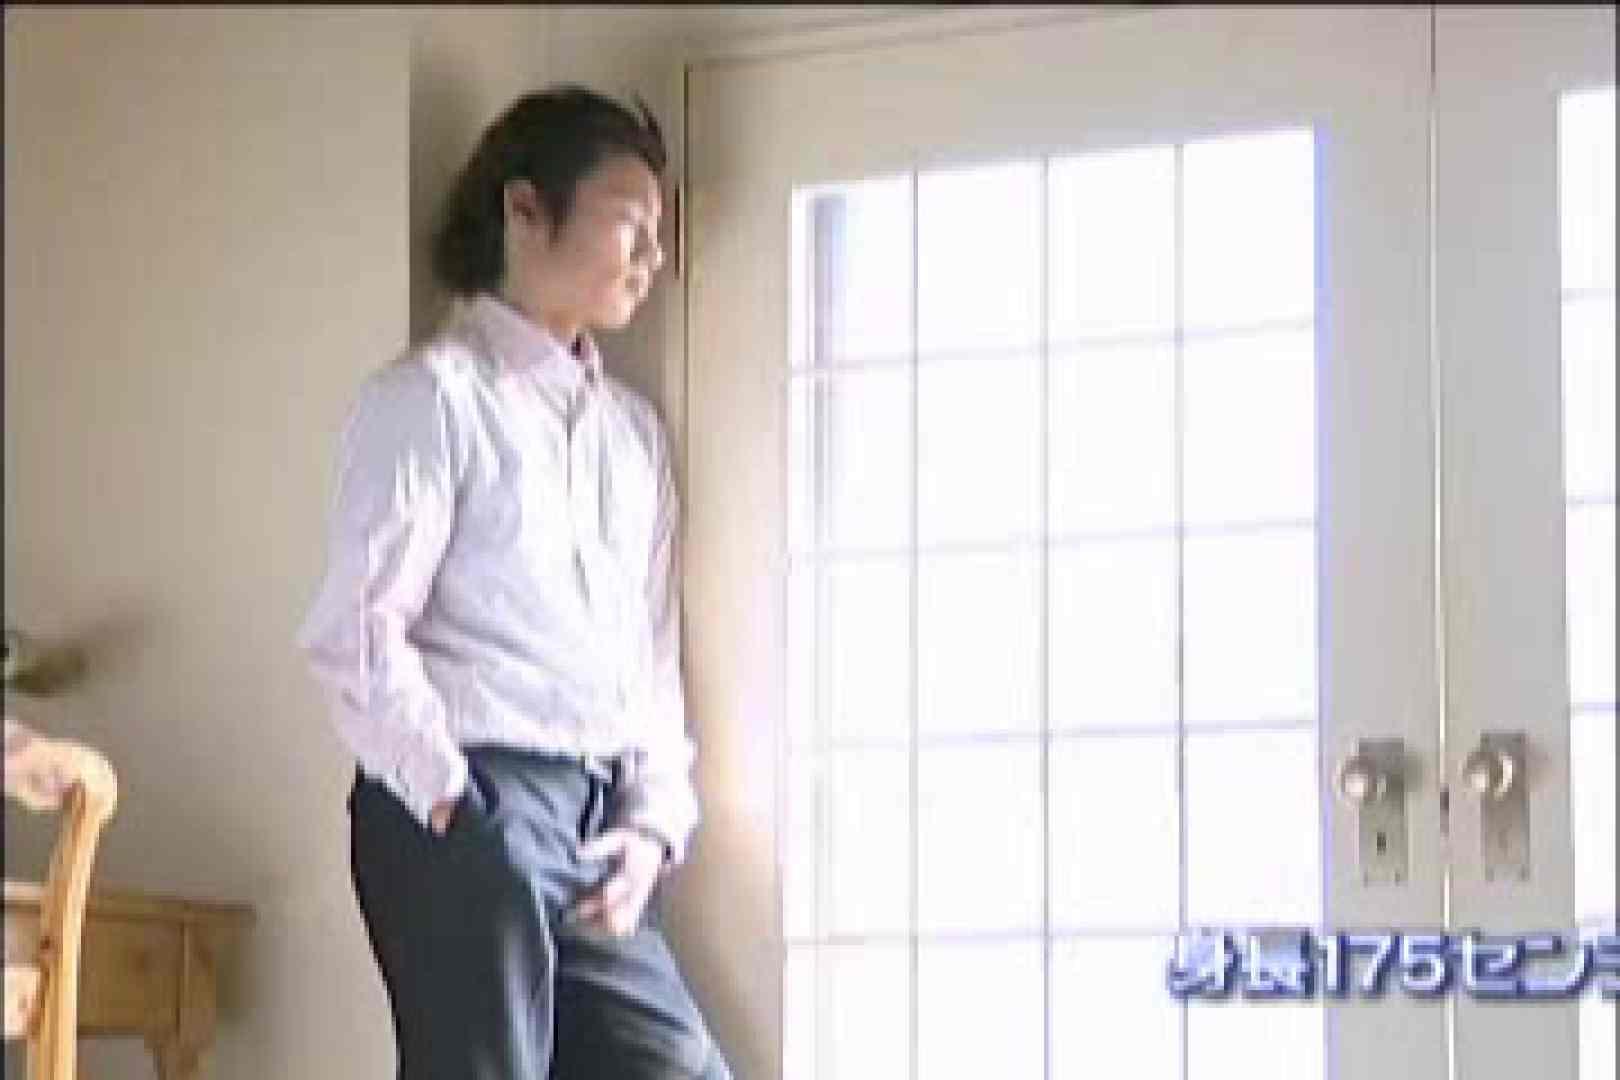 イケメン☆パラダイス〜男ざかりの君たちへ〜vol.17 フェラ ゲイモロ画像 116枚 45